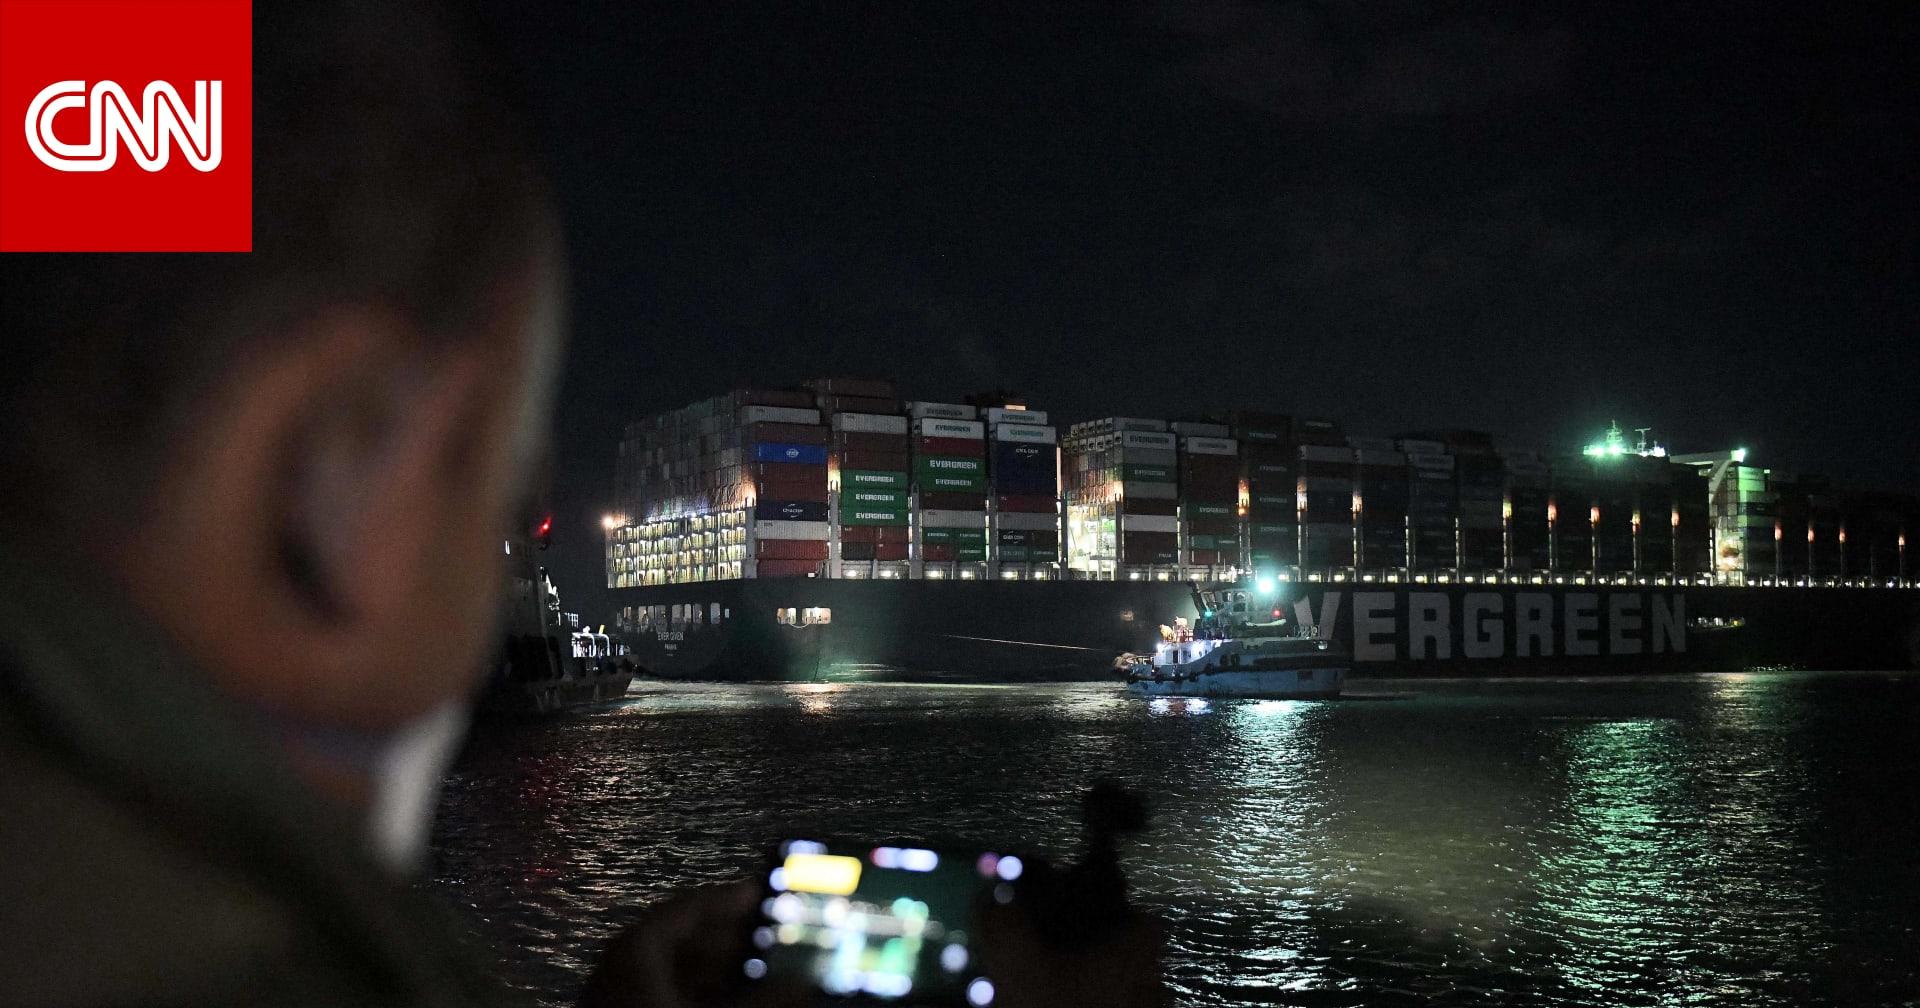 مصدر قريب من جهود الإنقاذ يوضح لـCNN خيارات مصر لحل أزمة السفينة الجانحة بقناة السويس